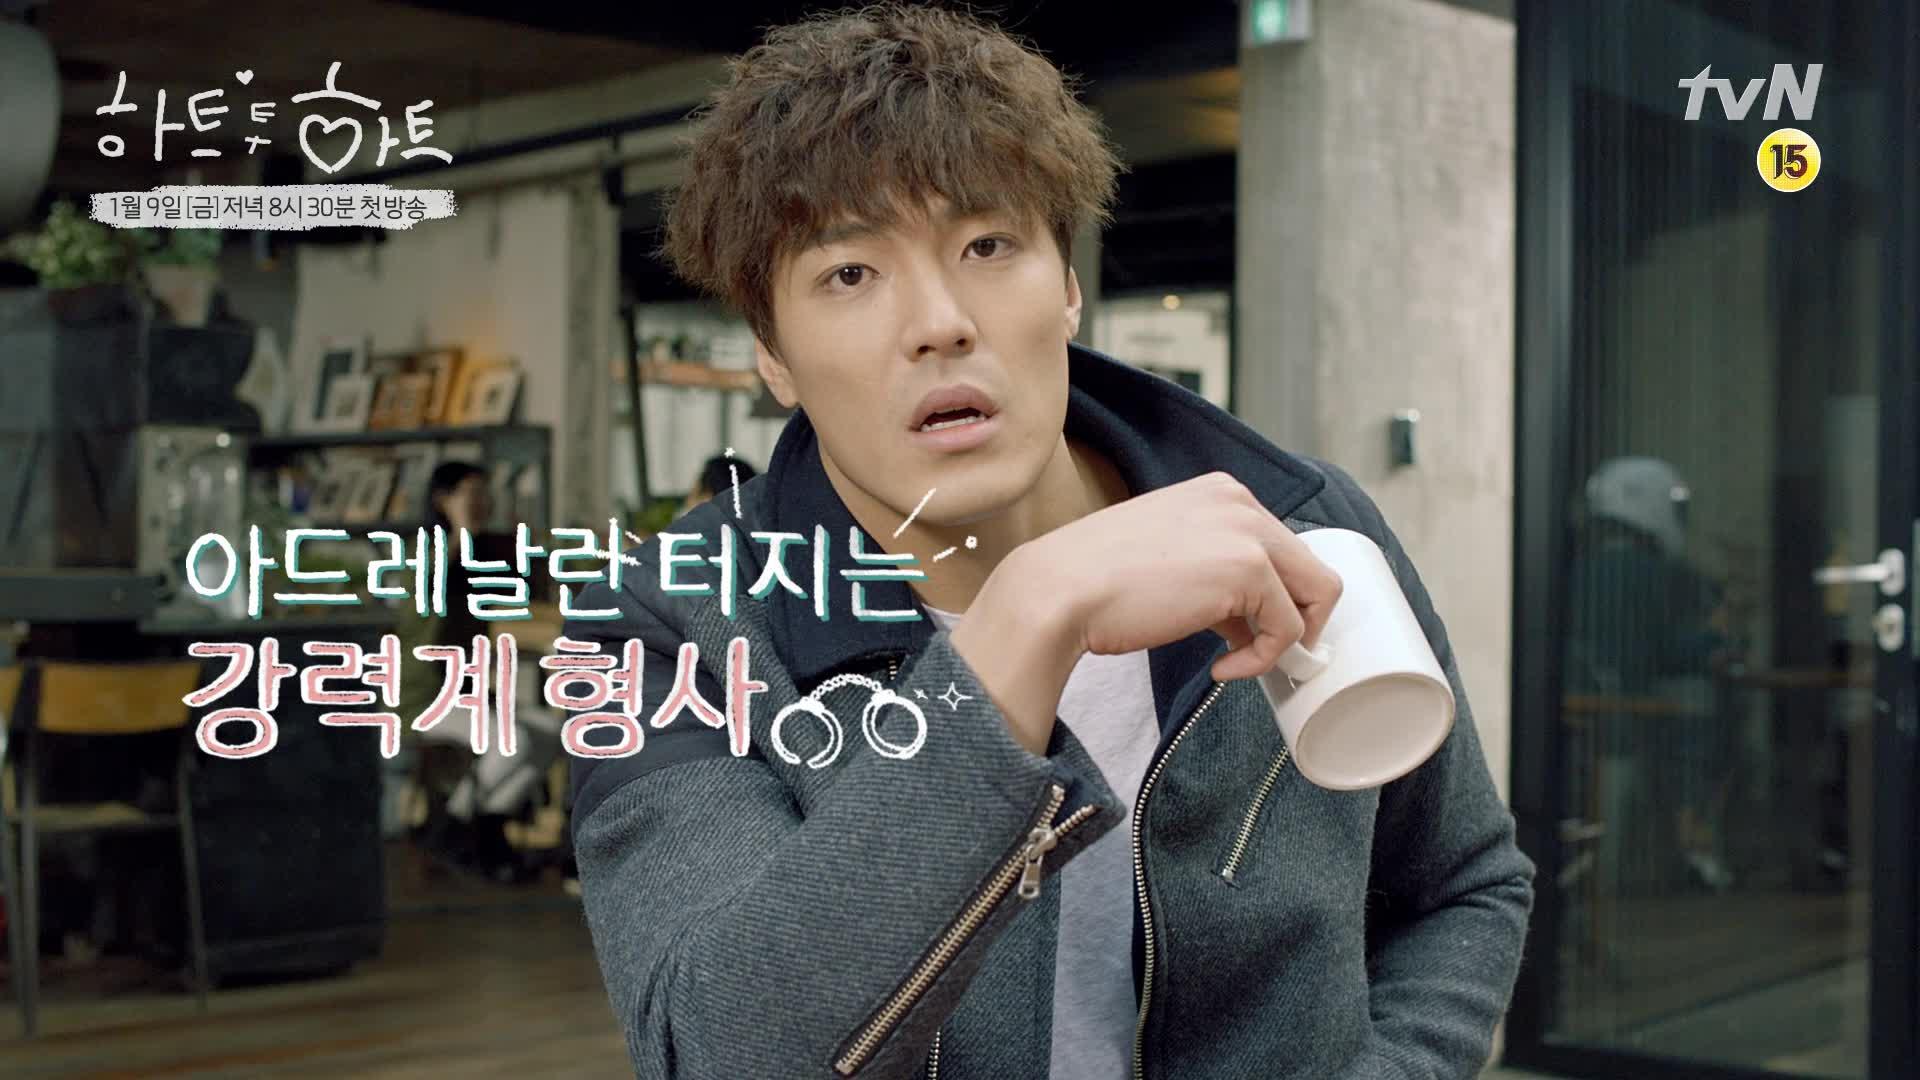 Teaser 02_JangDuSu_15s: Heart to Heart